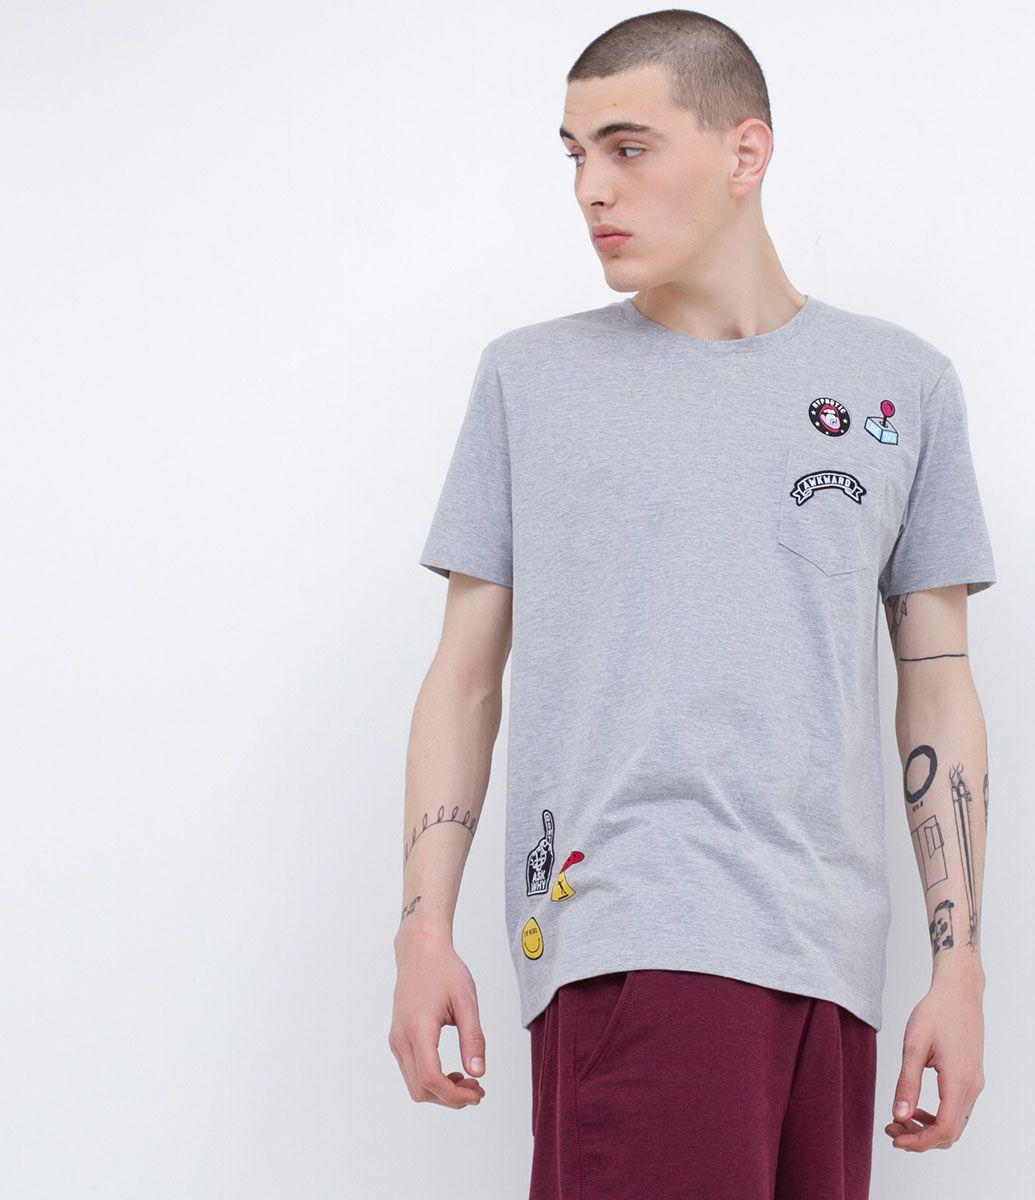 Camiseta com Patches - Lojas Renner